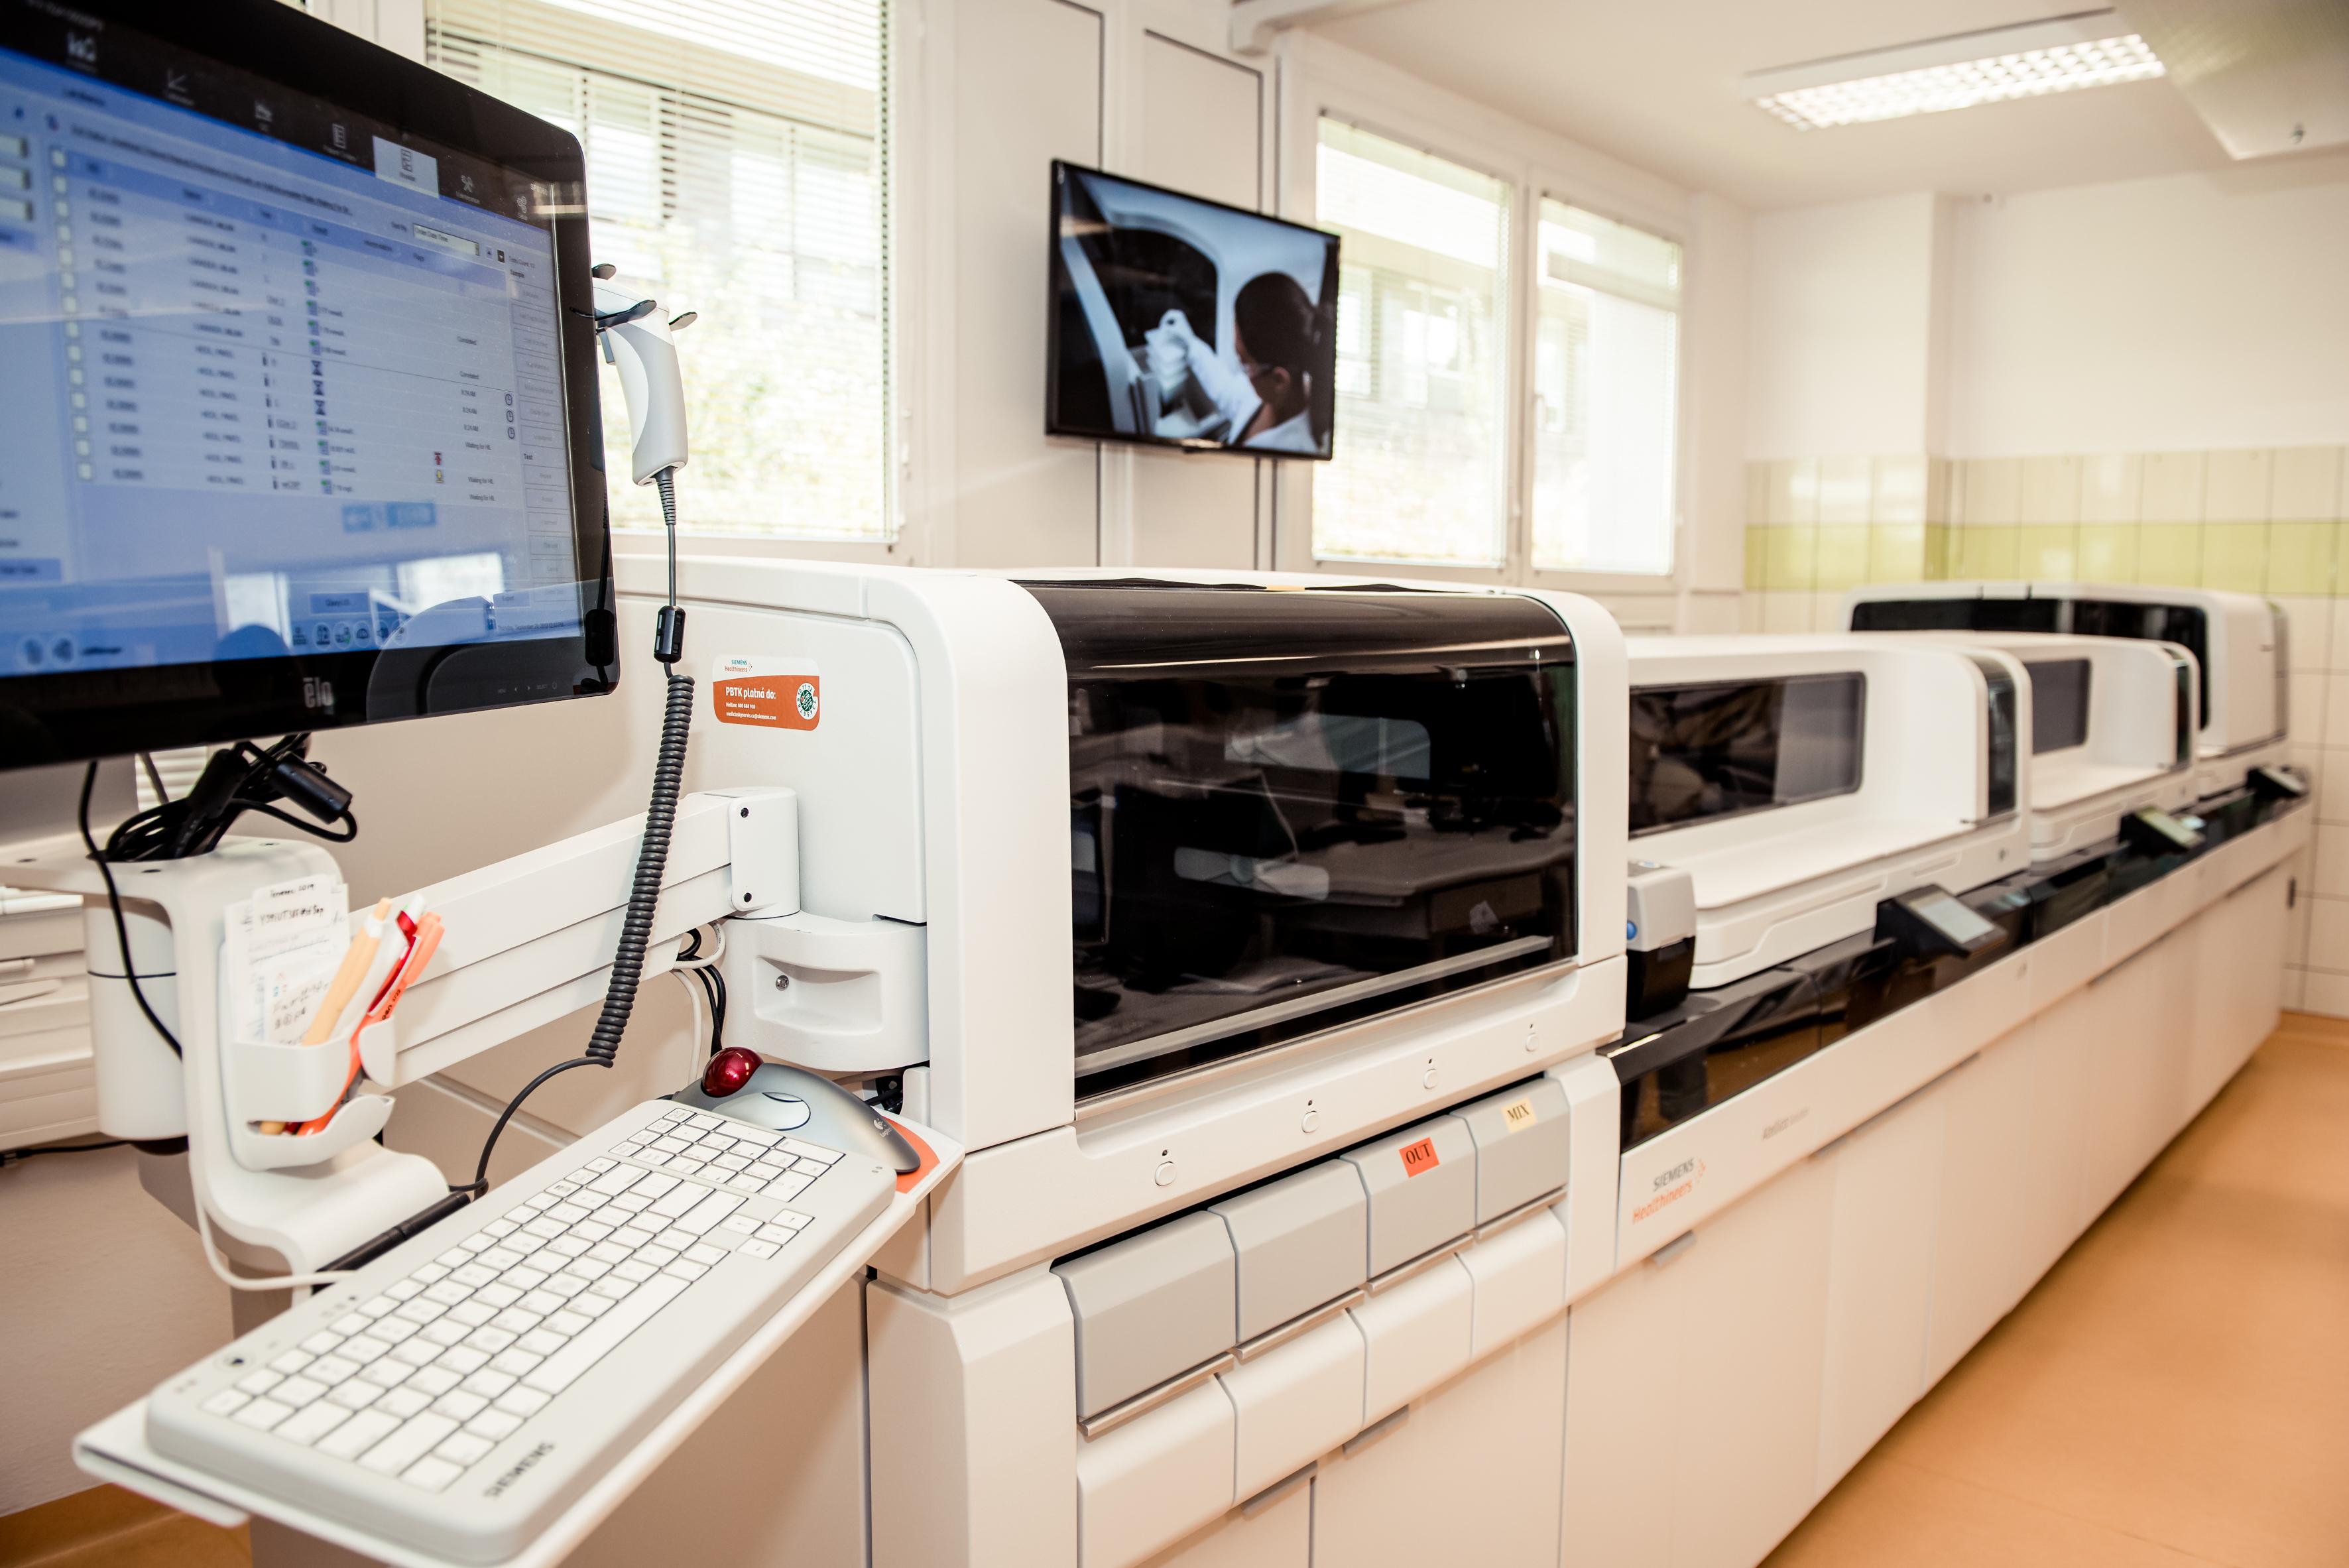 Nový analyzátor na oddělení klinických laboratoří slavnostně zahájil provoz